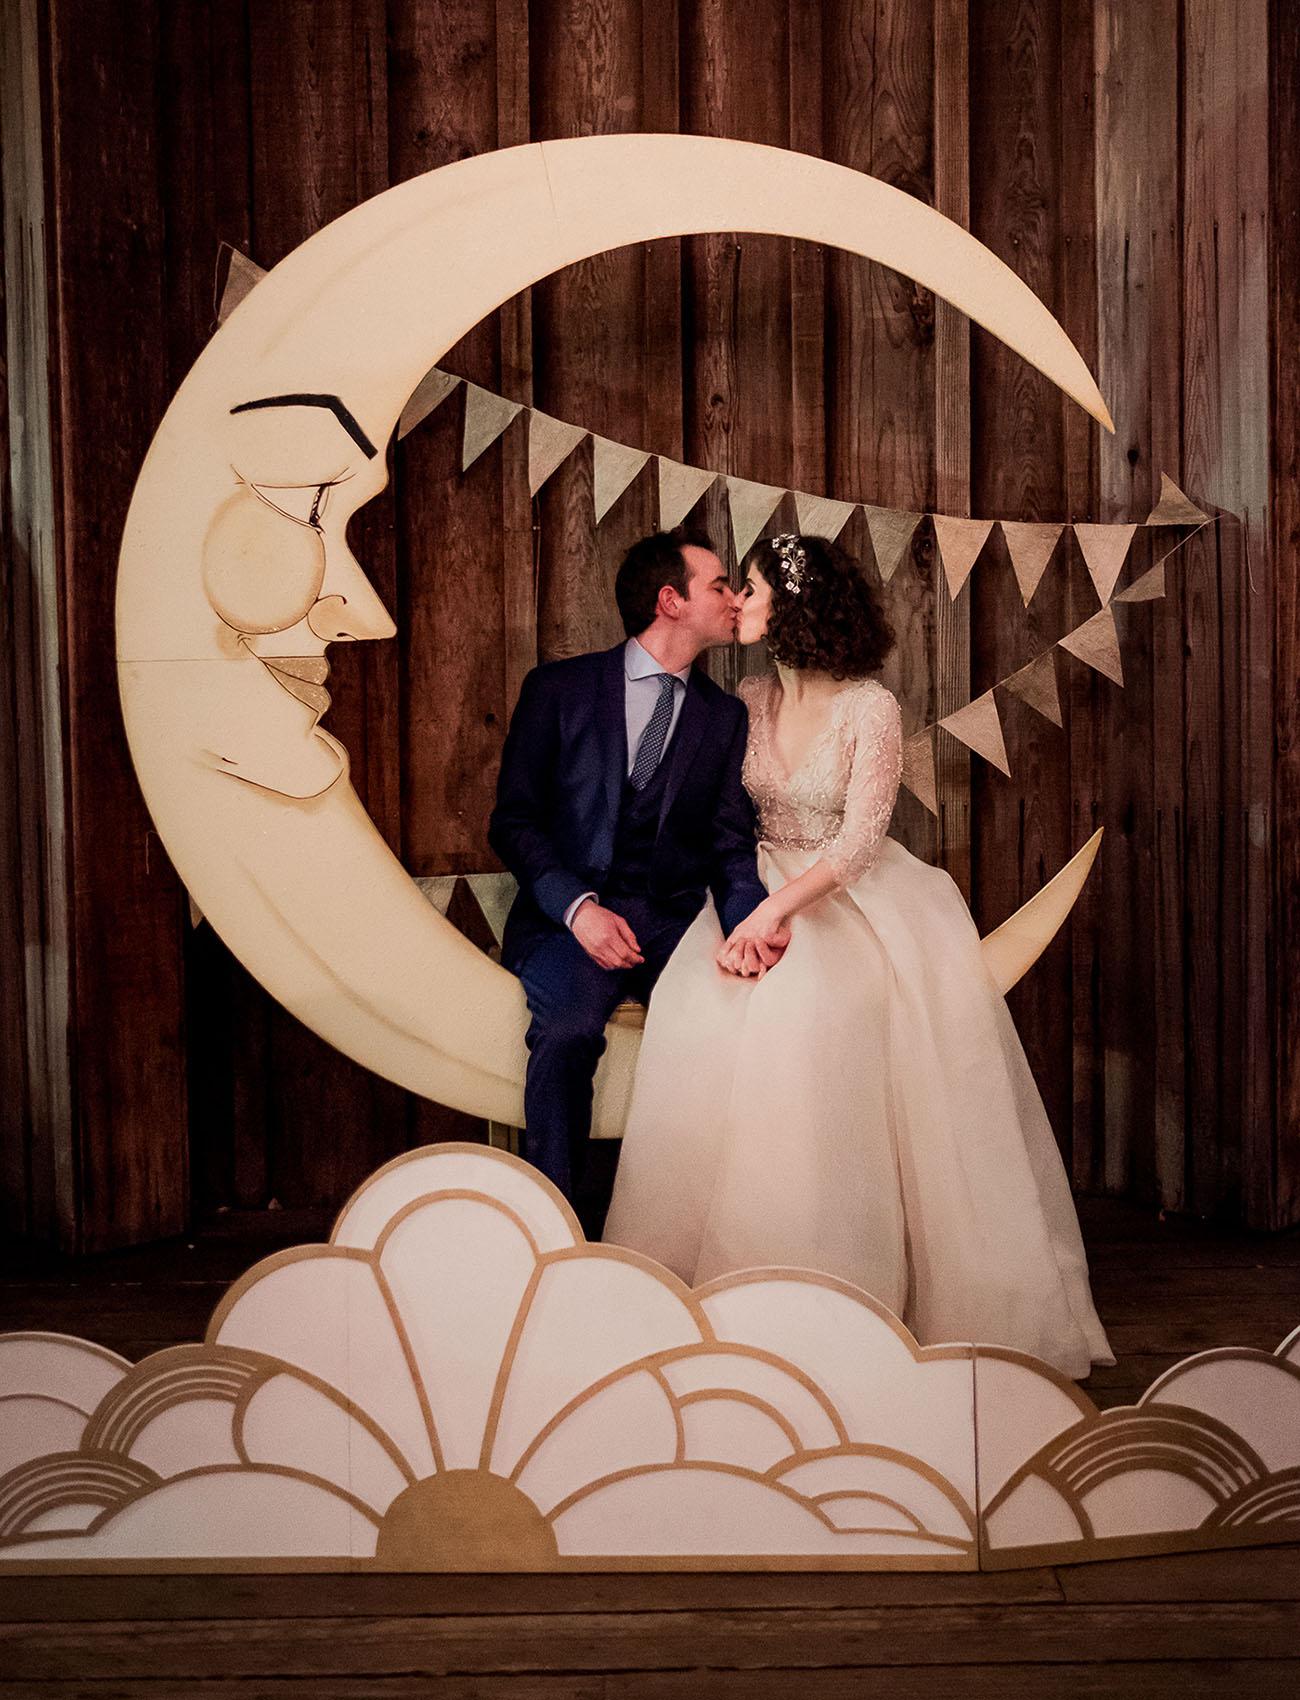 Romantic Woodland Wedding Among the